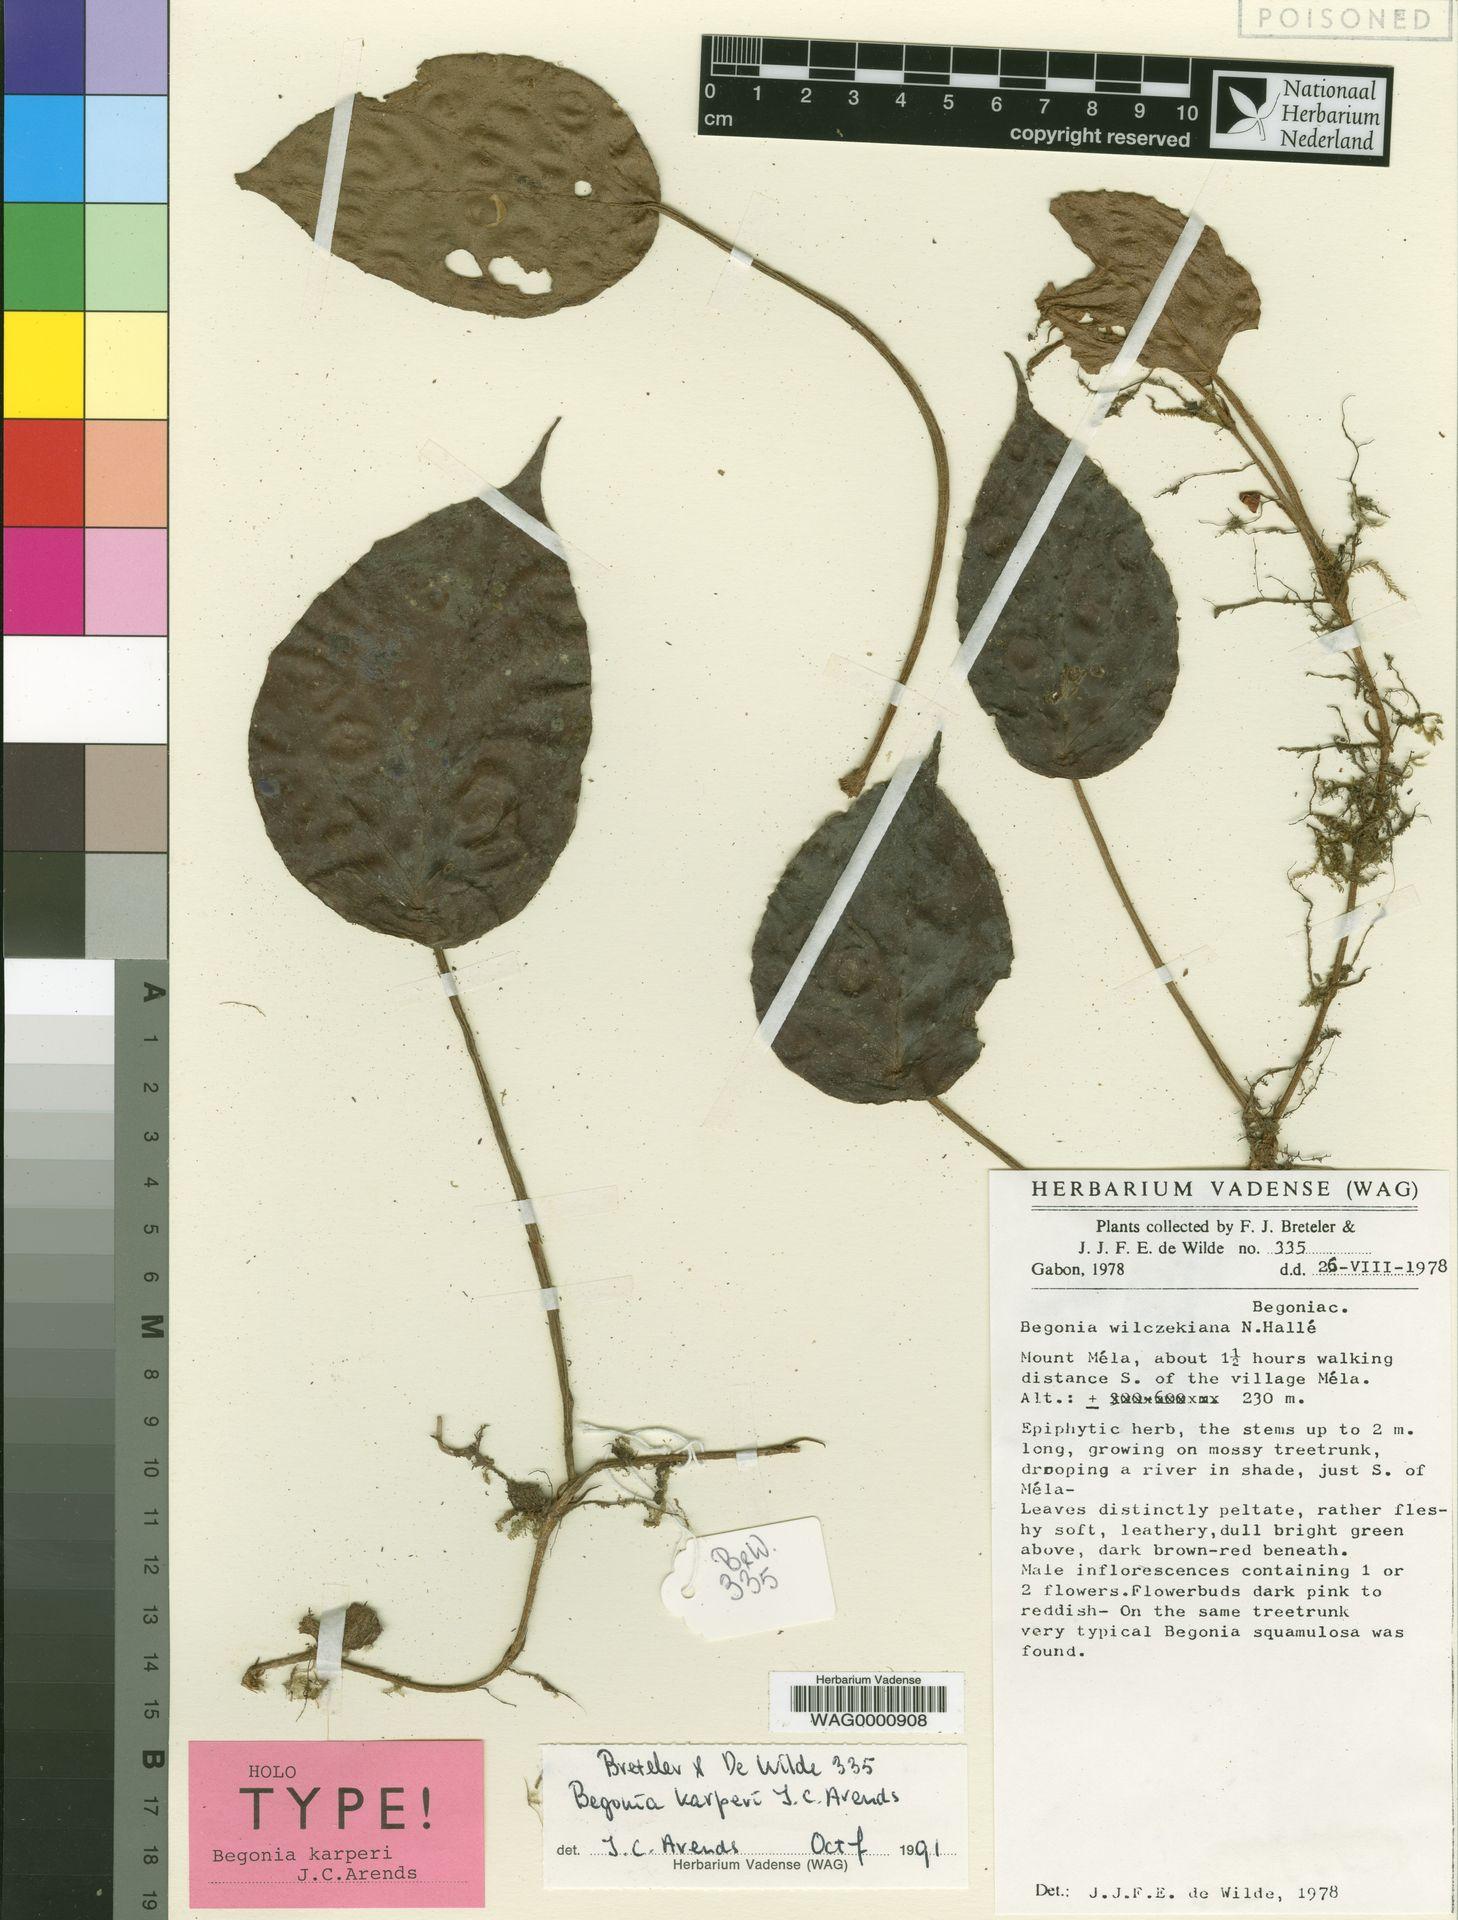 WAG0000908 | Begonia karperi J.C.Arends